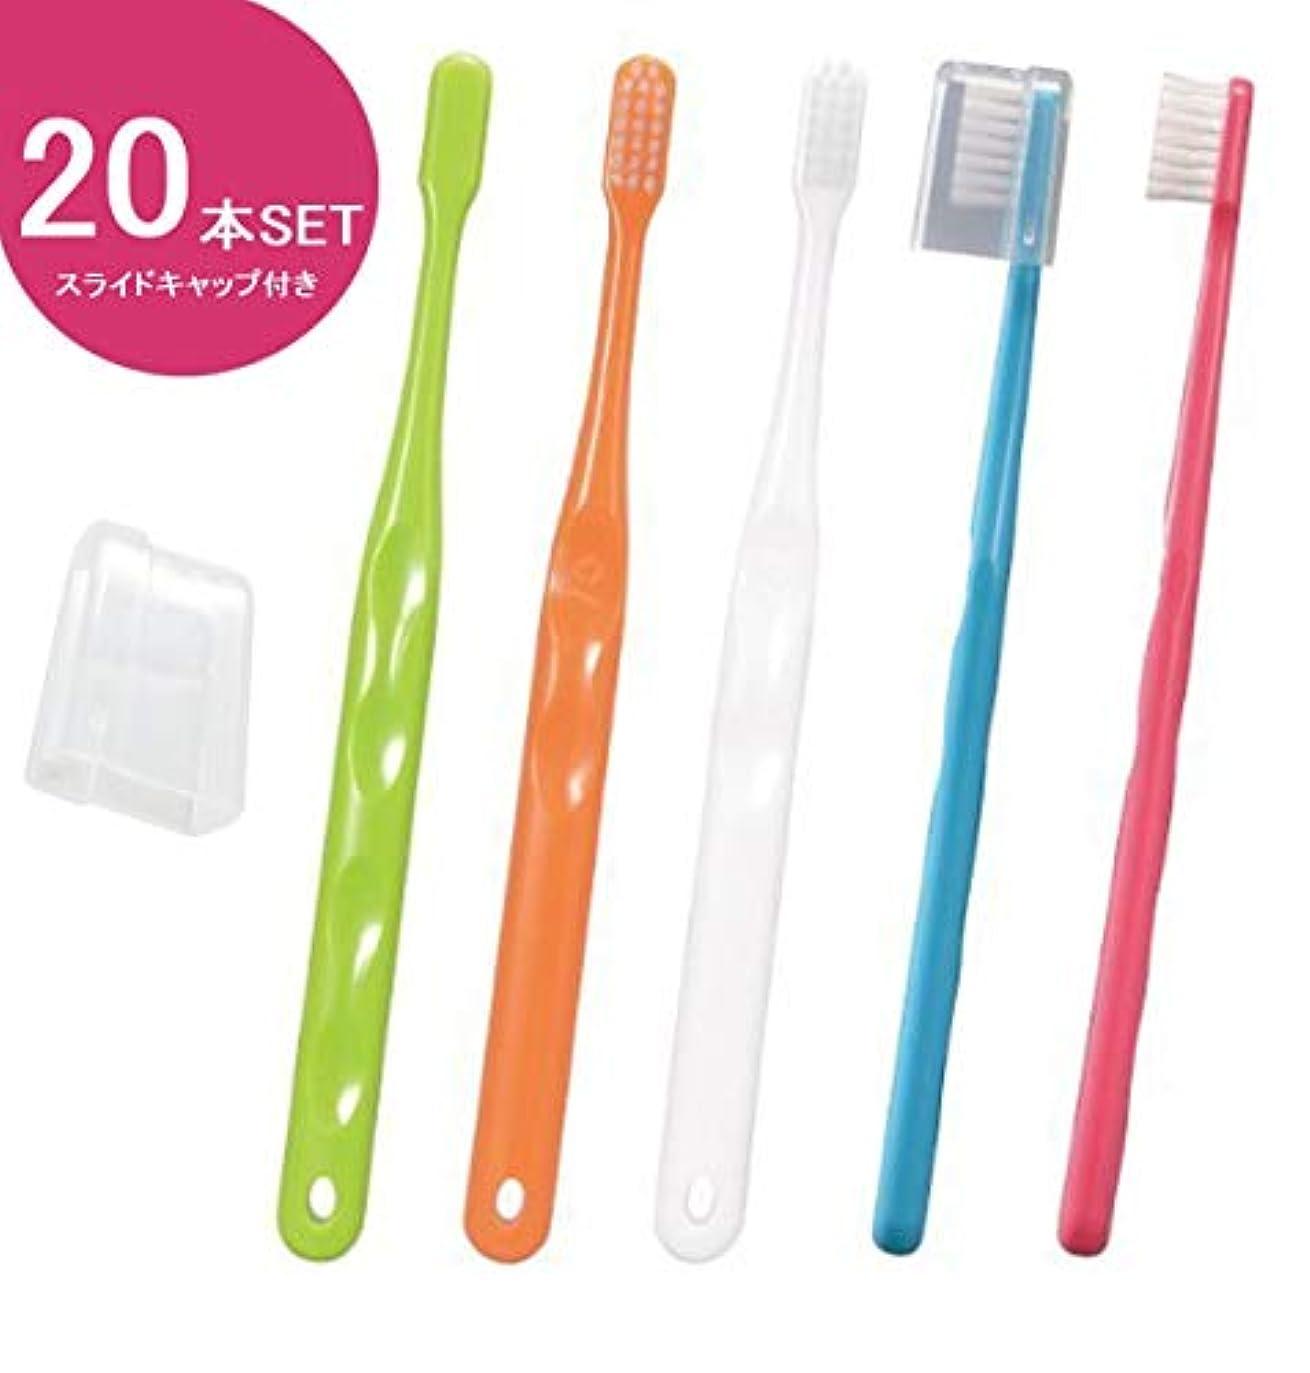 行恩赦乳製品Ciメディカル Ci700 (超先細+ラウンド毛) 歯ブラシ S(やわらかめ) スライドキャップ付き 20本